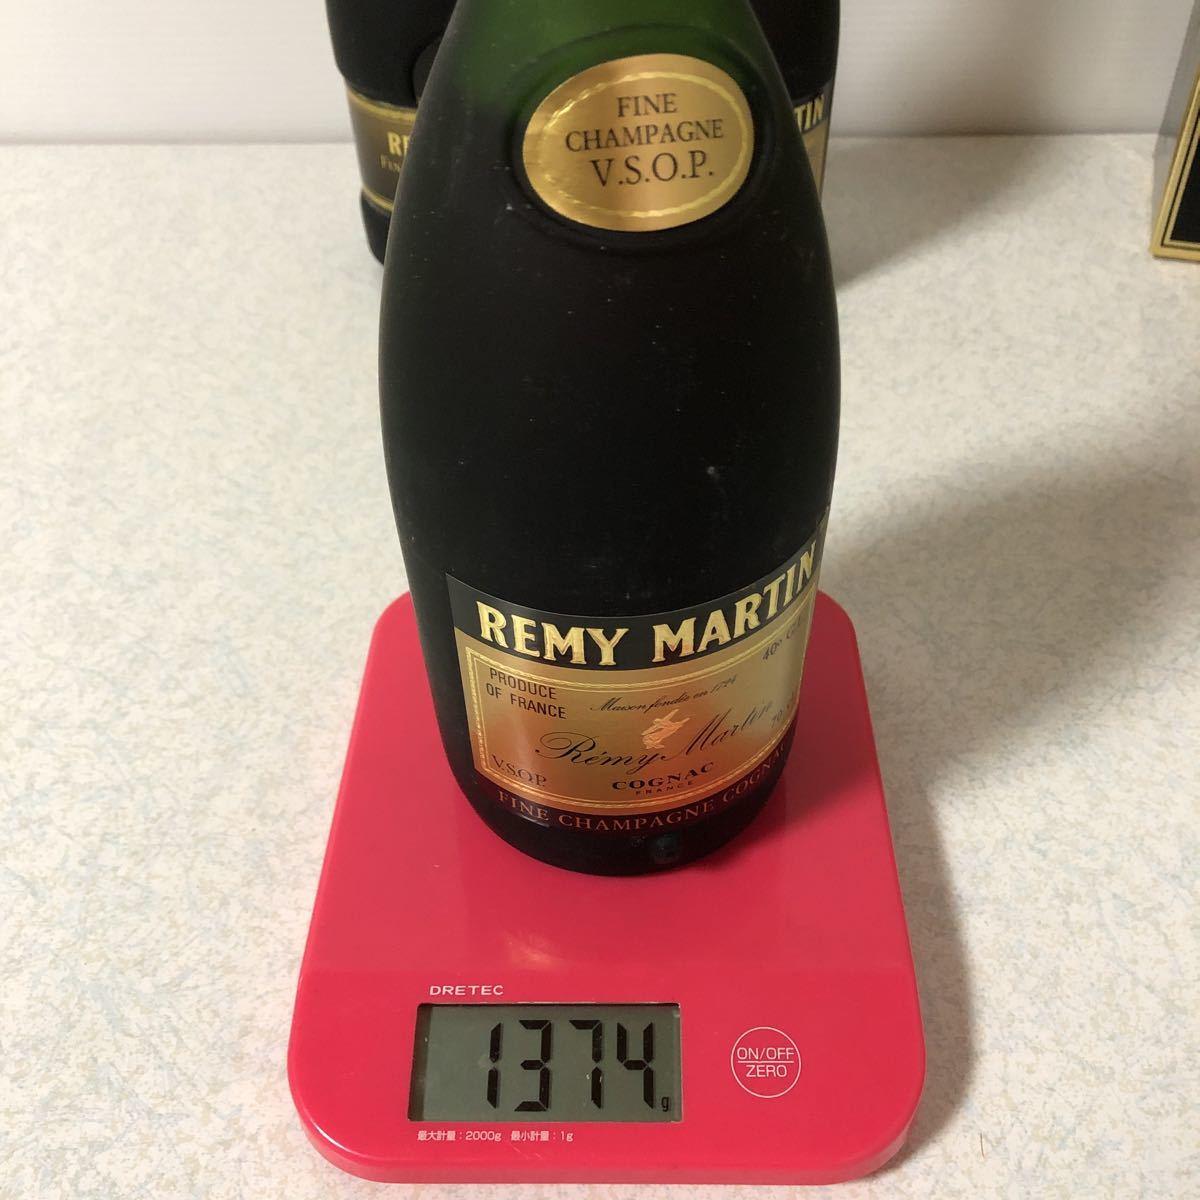 【古酒】REMY MARTIN レミーマルタン ナポレオン 未開栓 計3本セット_画像7